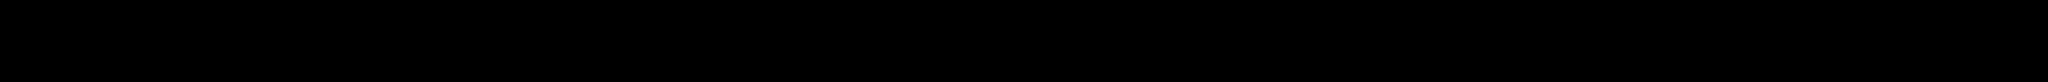 MAHLE ORIGINAL 04781452AA, 04781452AB, 04781452BB, K04781452AA, K04781452BB Öljynsuodatin